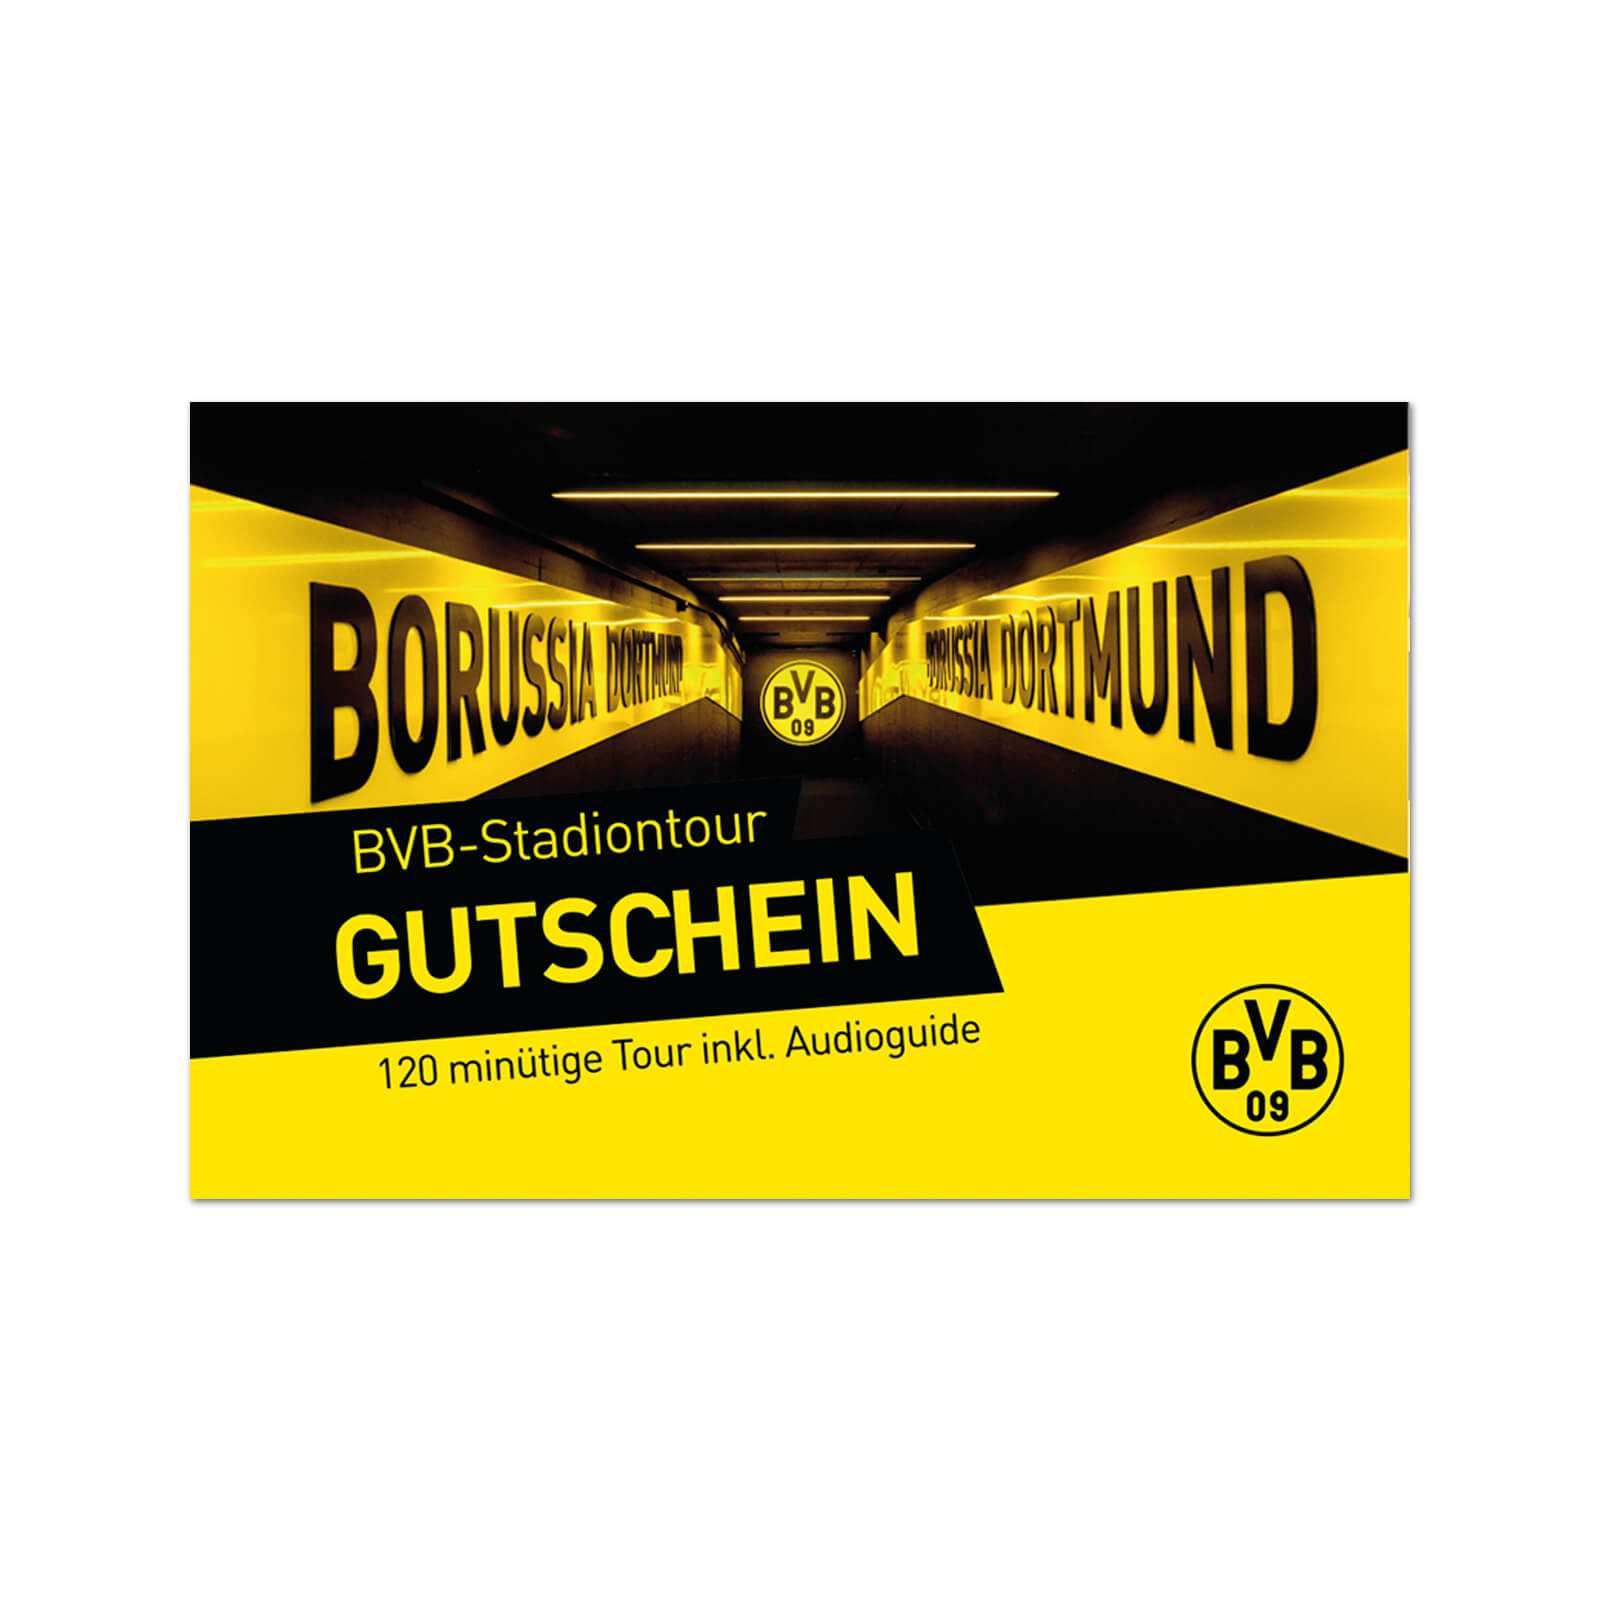 Bvb-Stadiontour Gutschein innen Bvb Geburtstagskarte